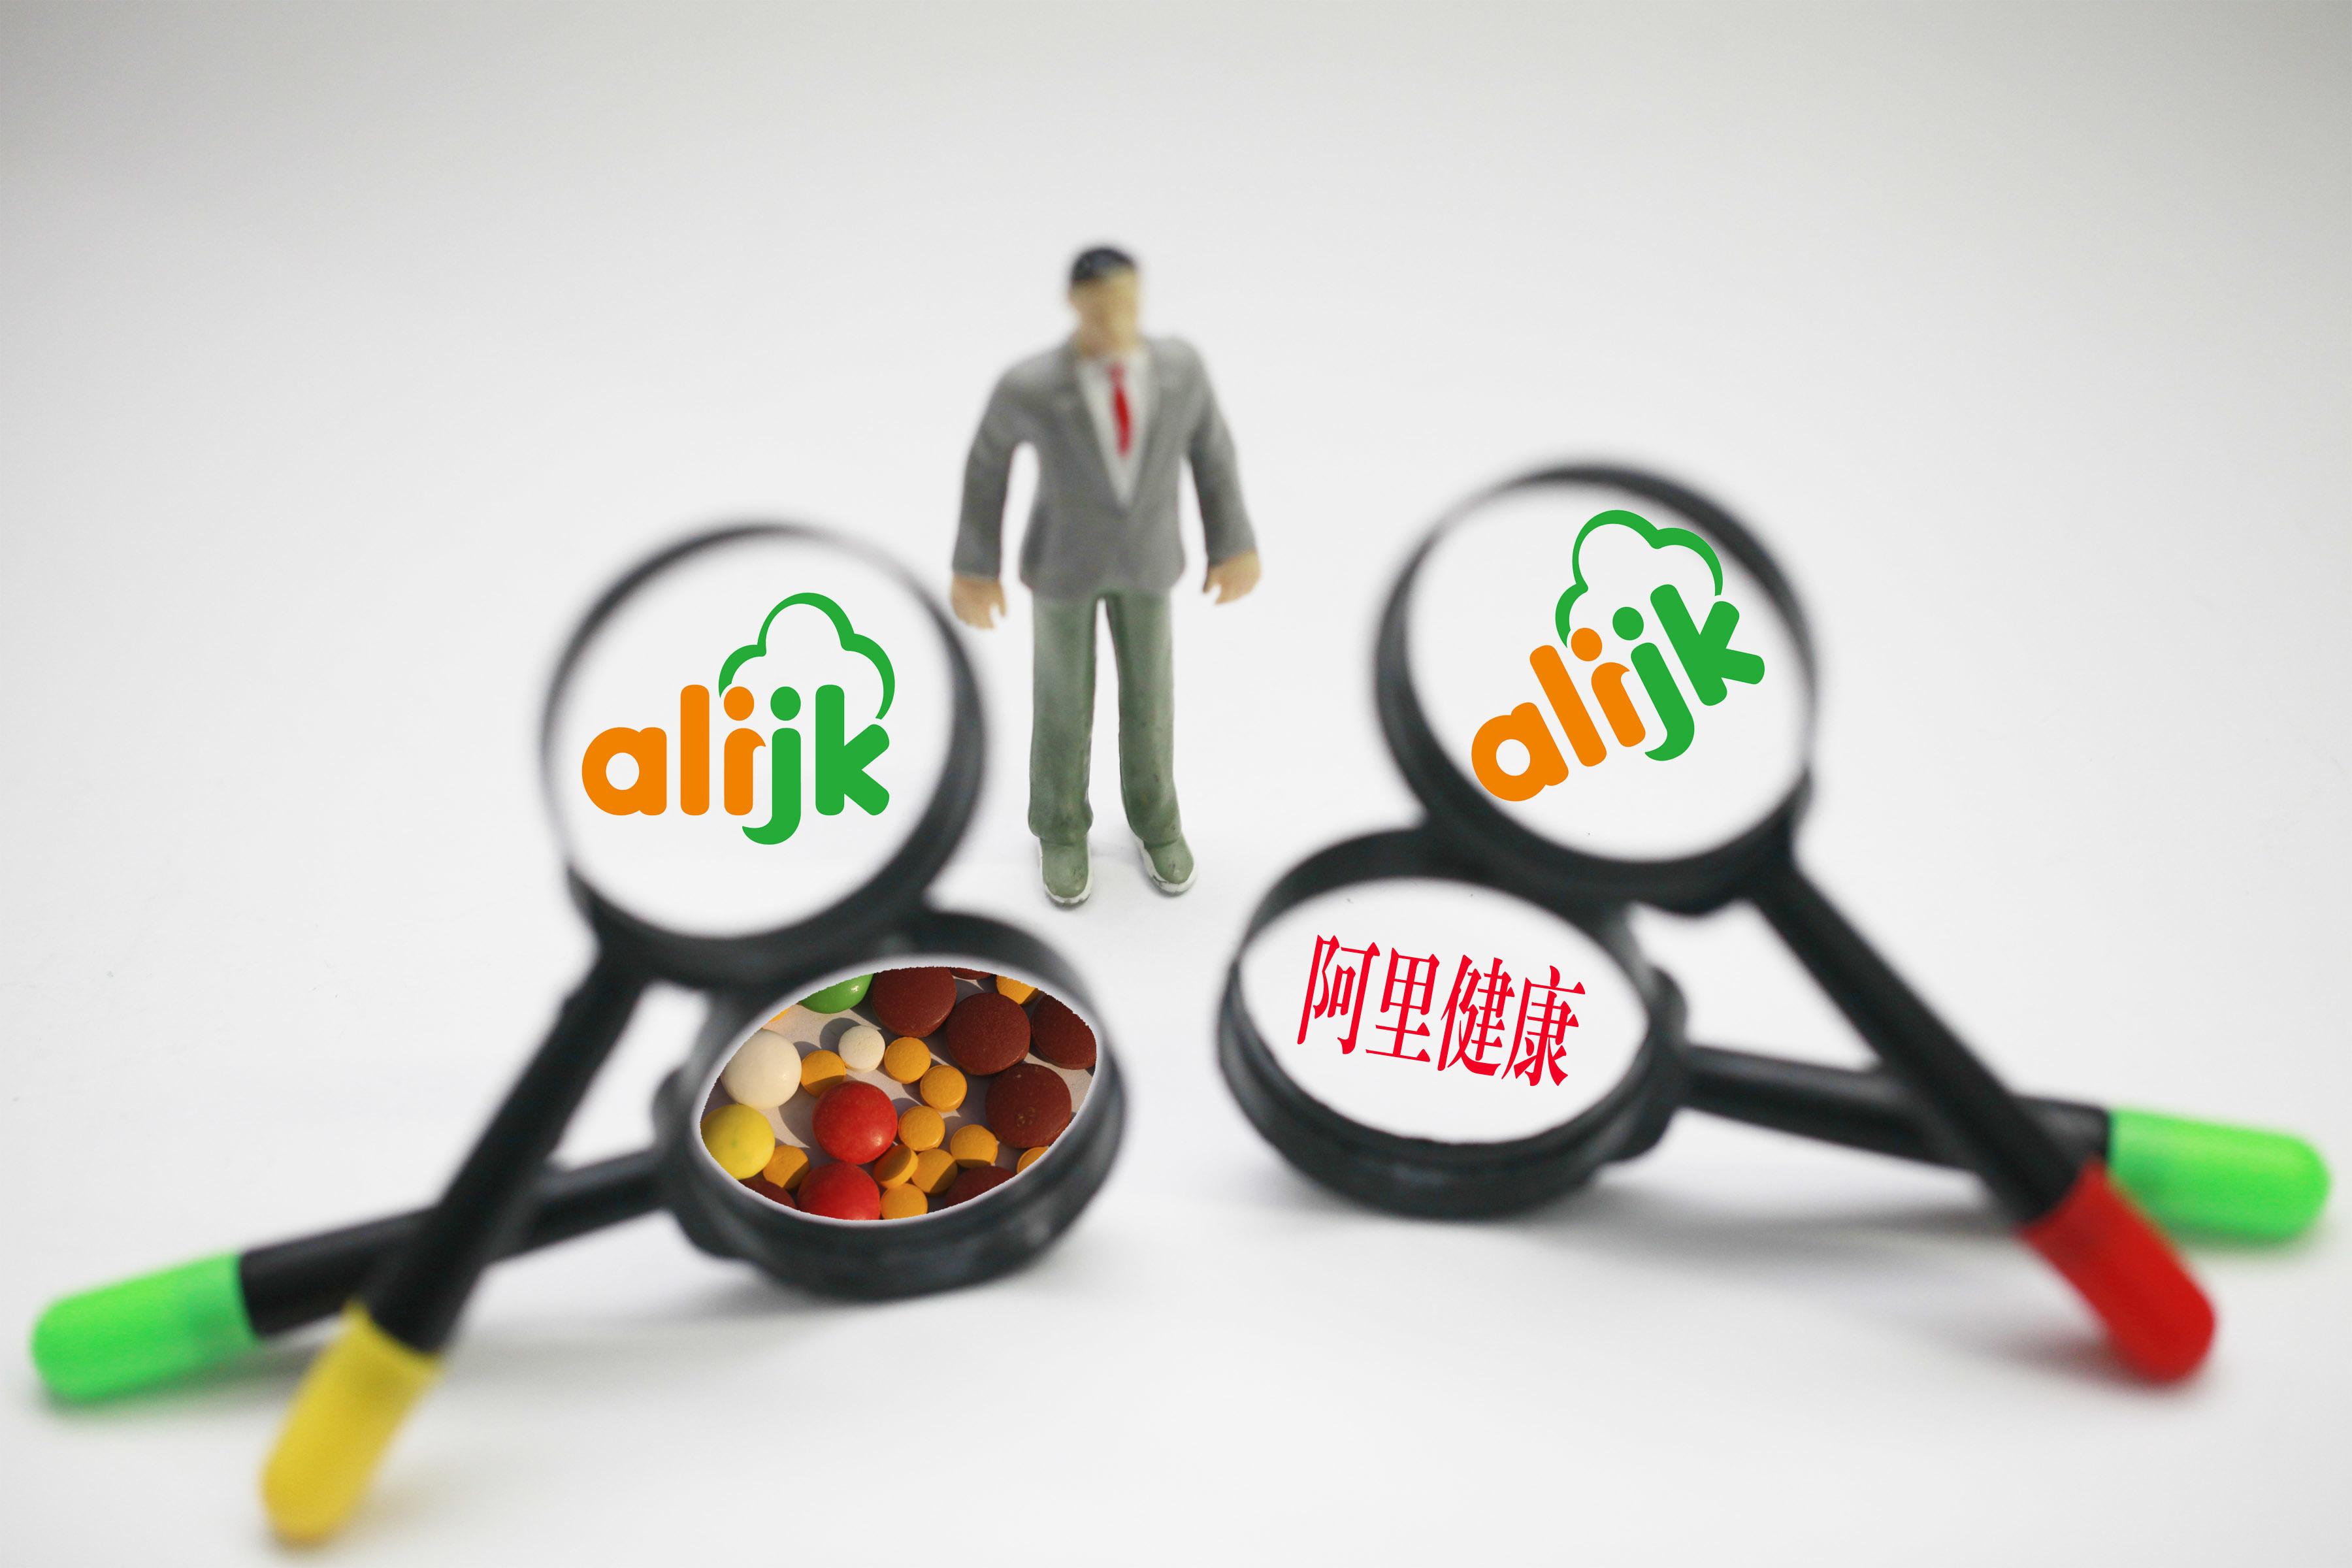 阿里健康总对价106亿港元收购天猫医疗器械及保健用品业务